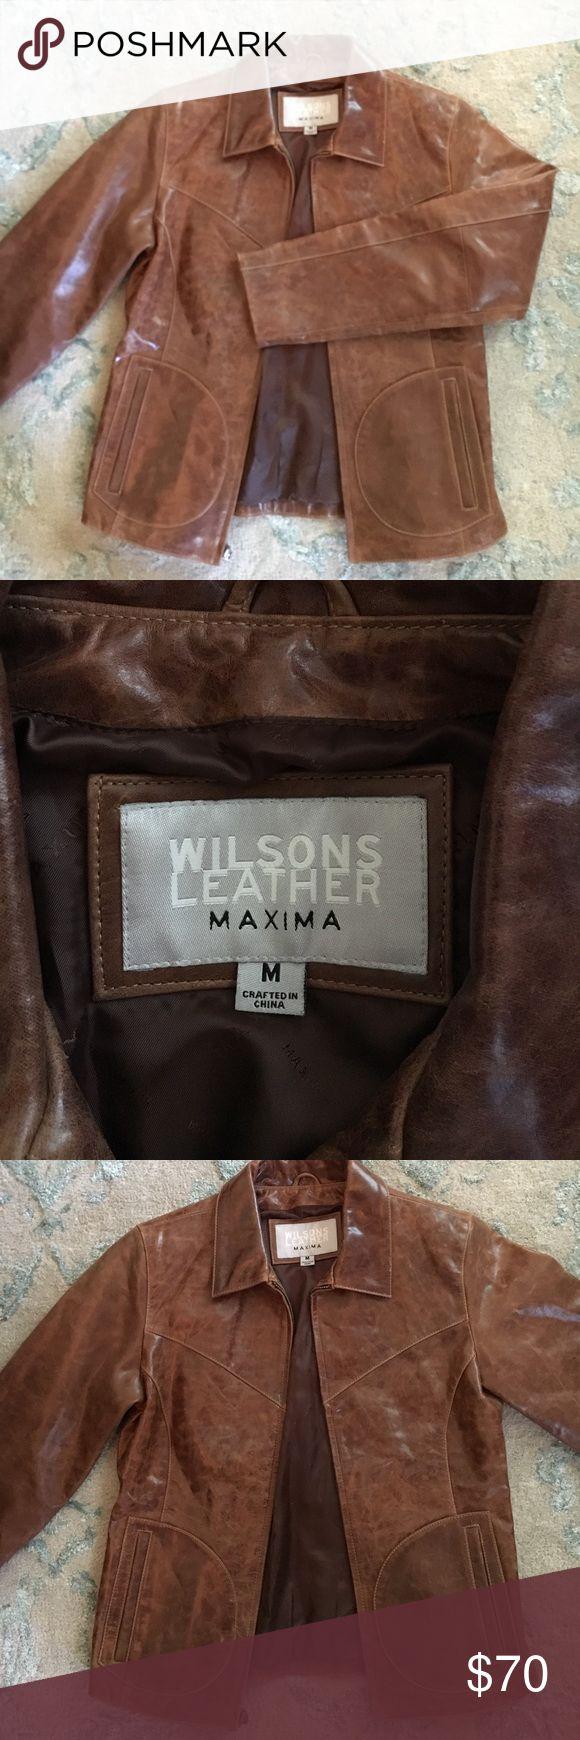 Distressed camel leather jacket Amazing retro jacket! #authentic #100% leather #Wilsons leather company #sizeMedium #like New Wilsons Leather Jackets & Coats